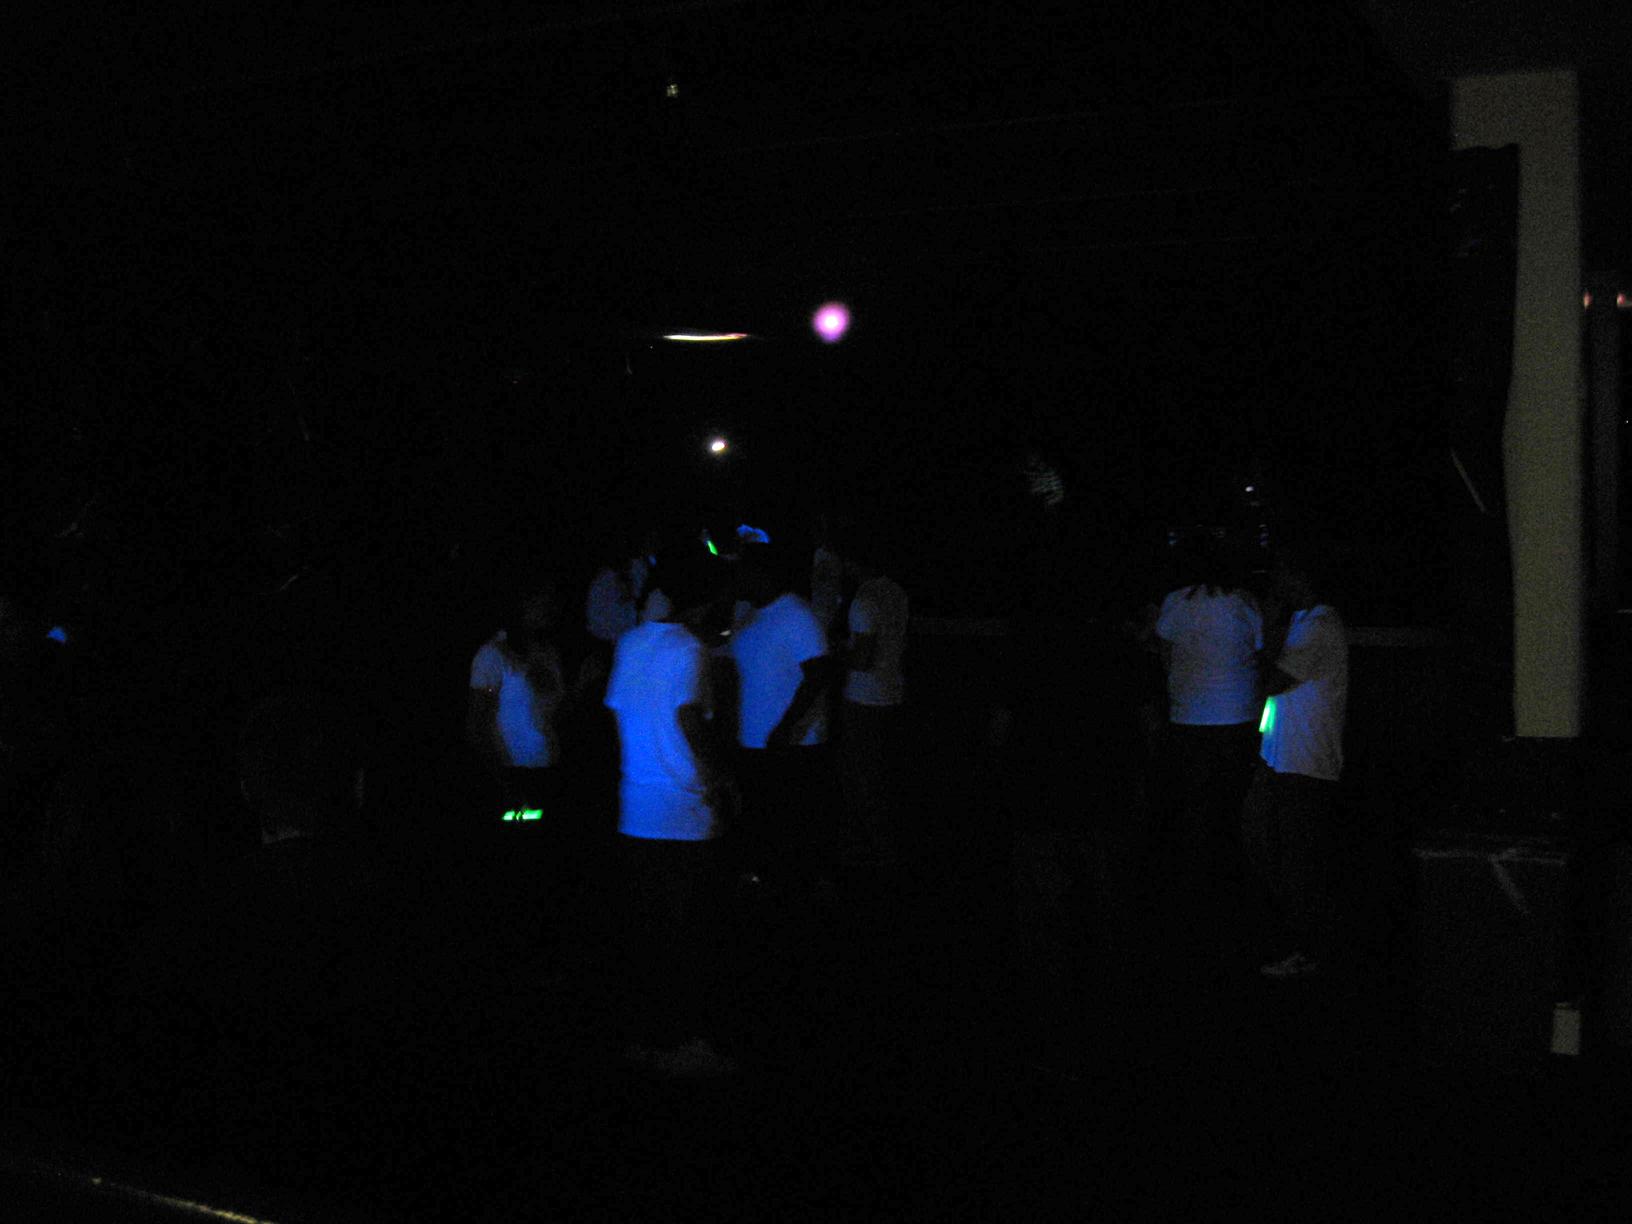 spooky glowing people!